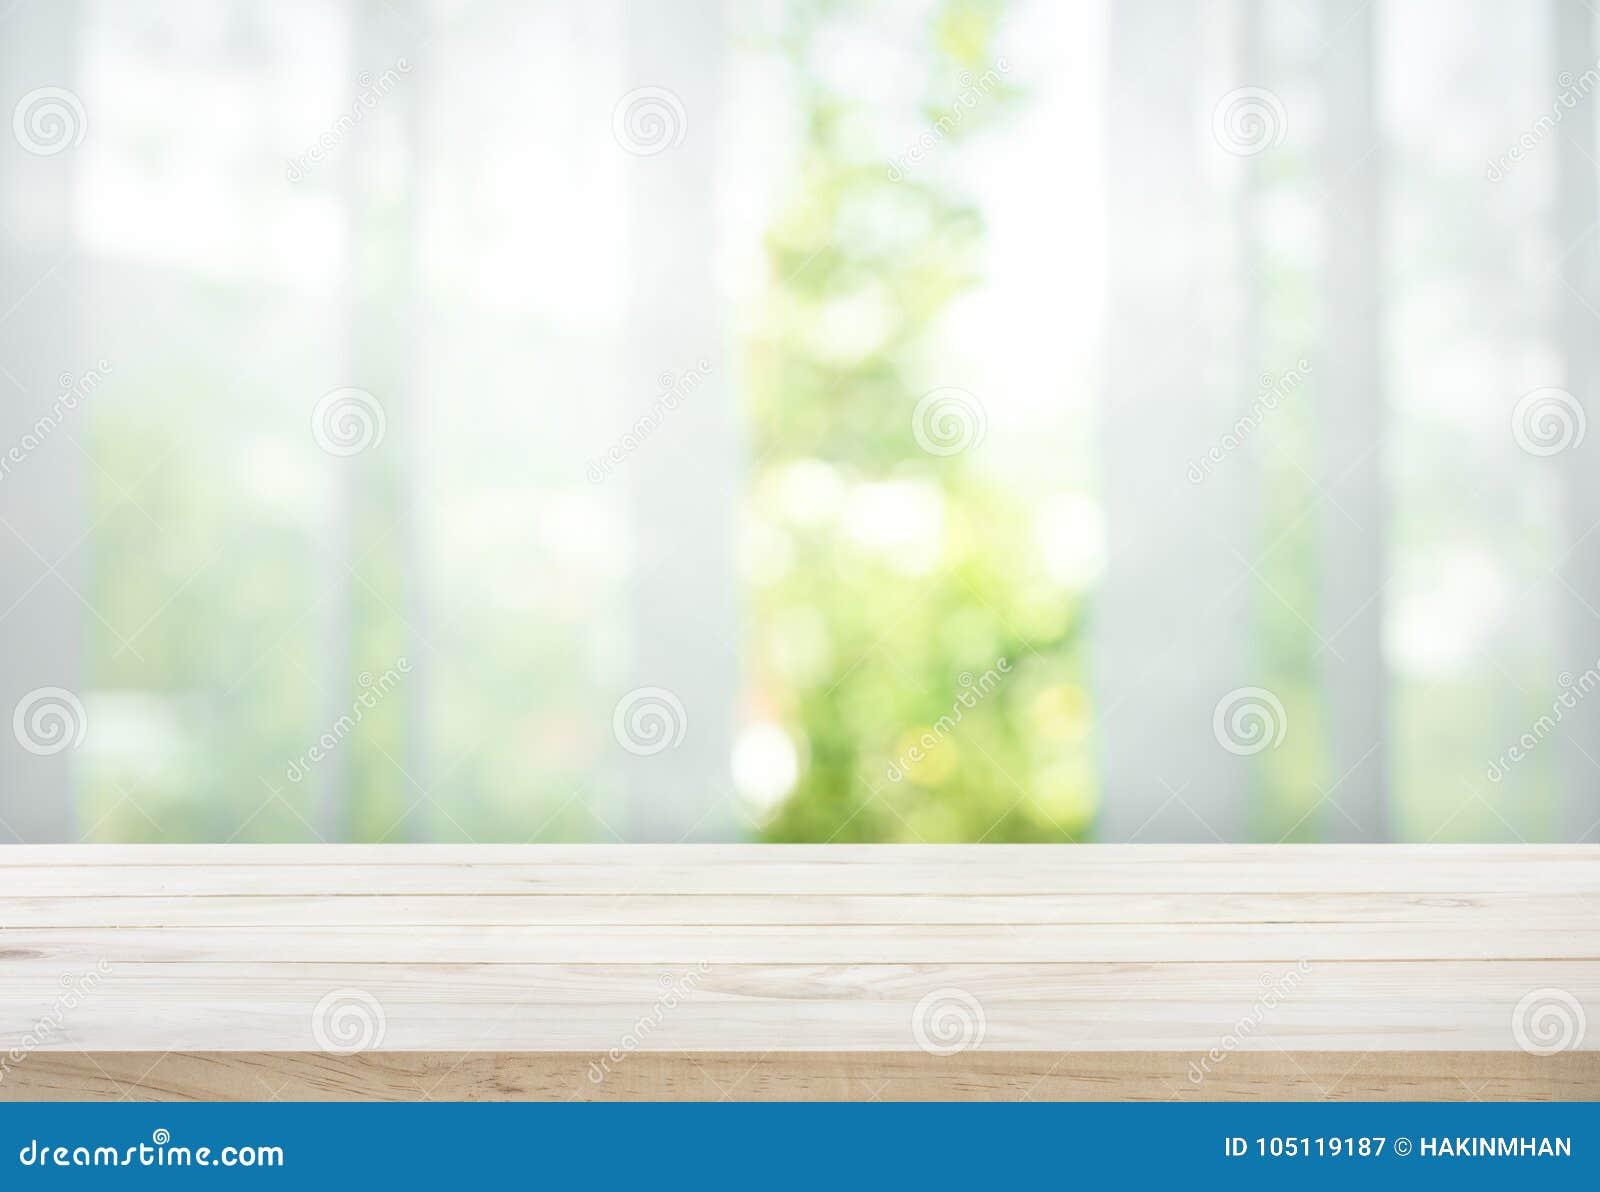 Esvazie do tampo da mesa de madeira no borrão da cortina com verde da opinião da janela do jardim da árvore